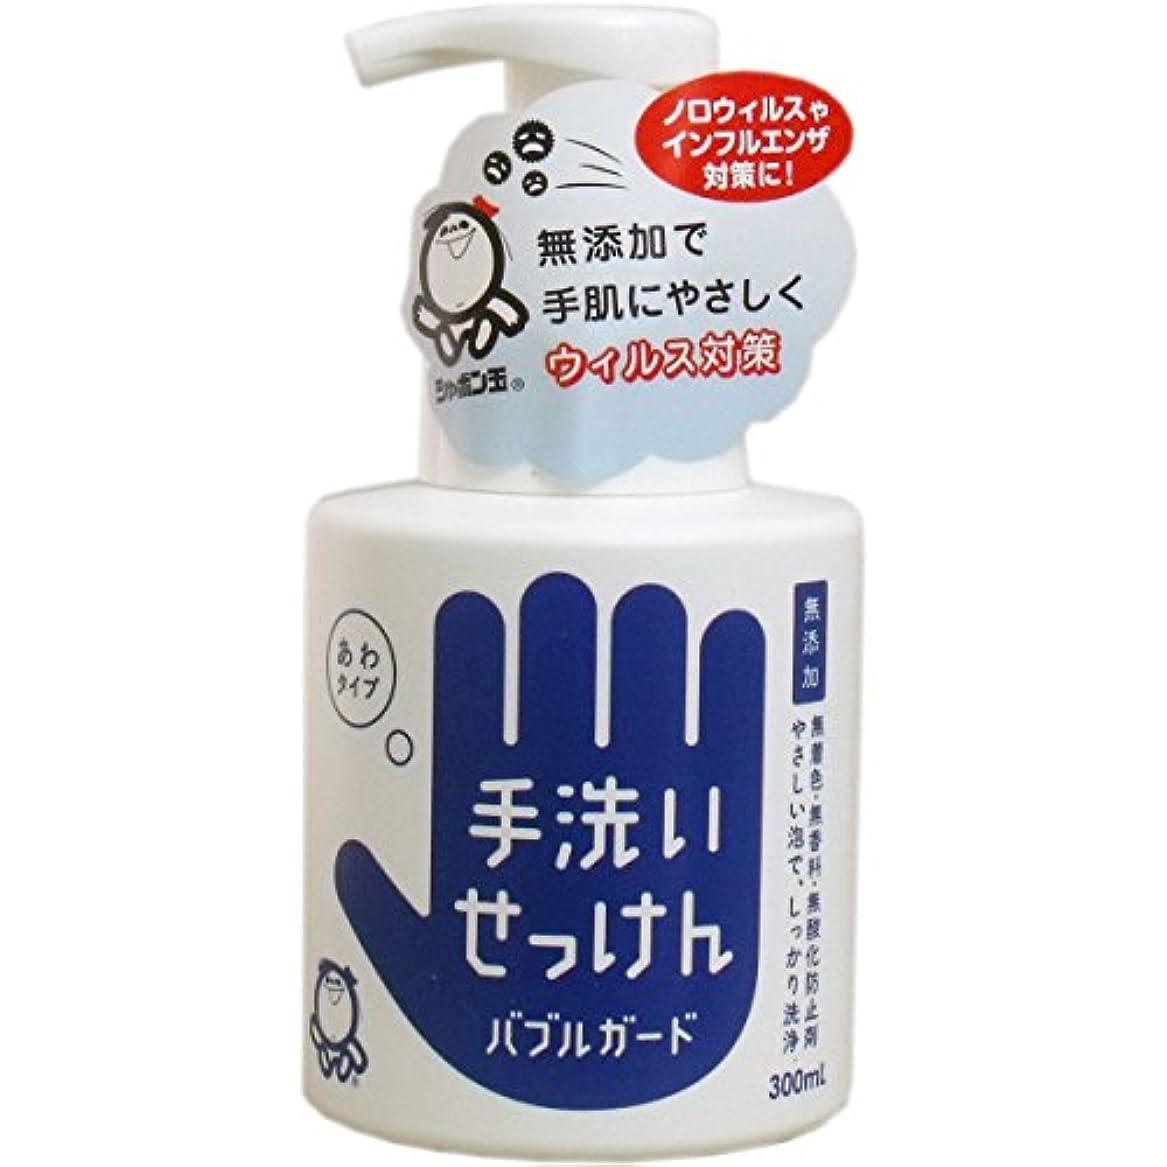 信条調整可能モンキー【まとめ買い】バブルガード ×2セット